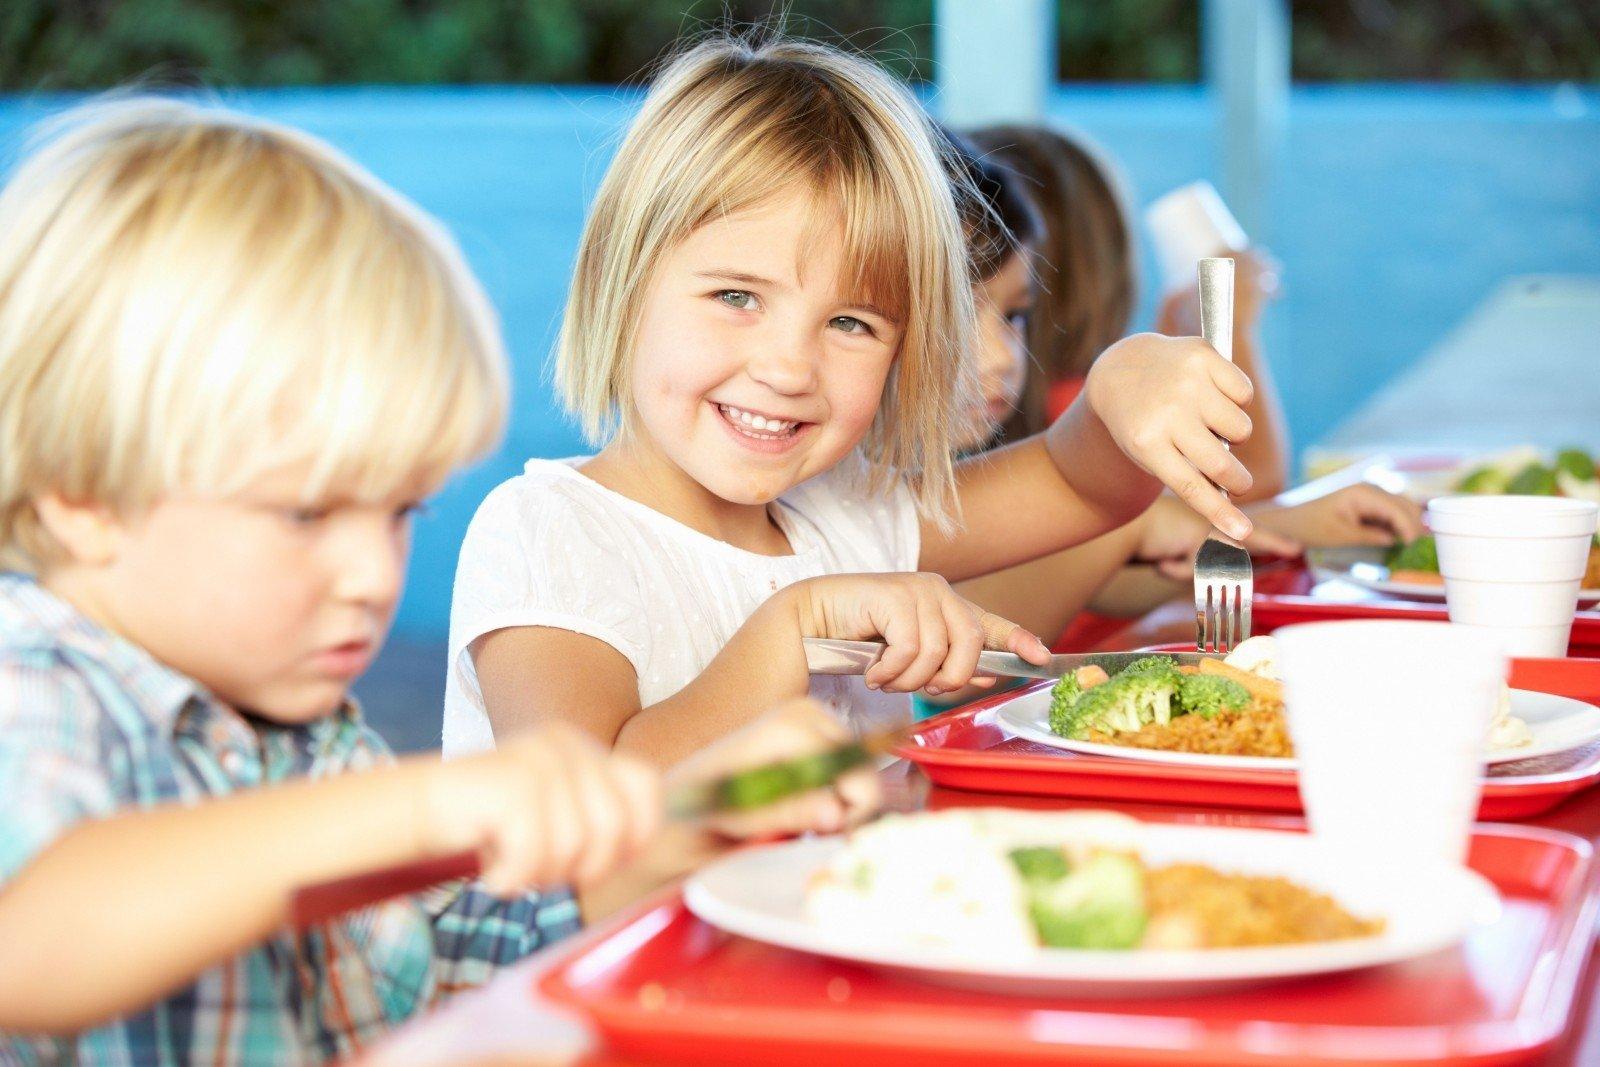 Nuo kitų mokslo metų dalis mokinių gaus nemokamą maitinimą - DELFI